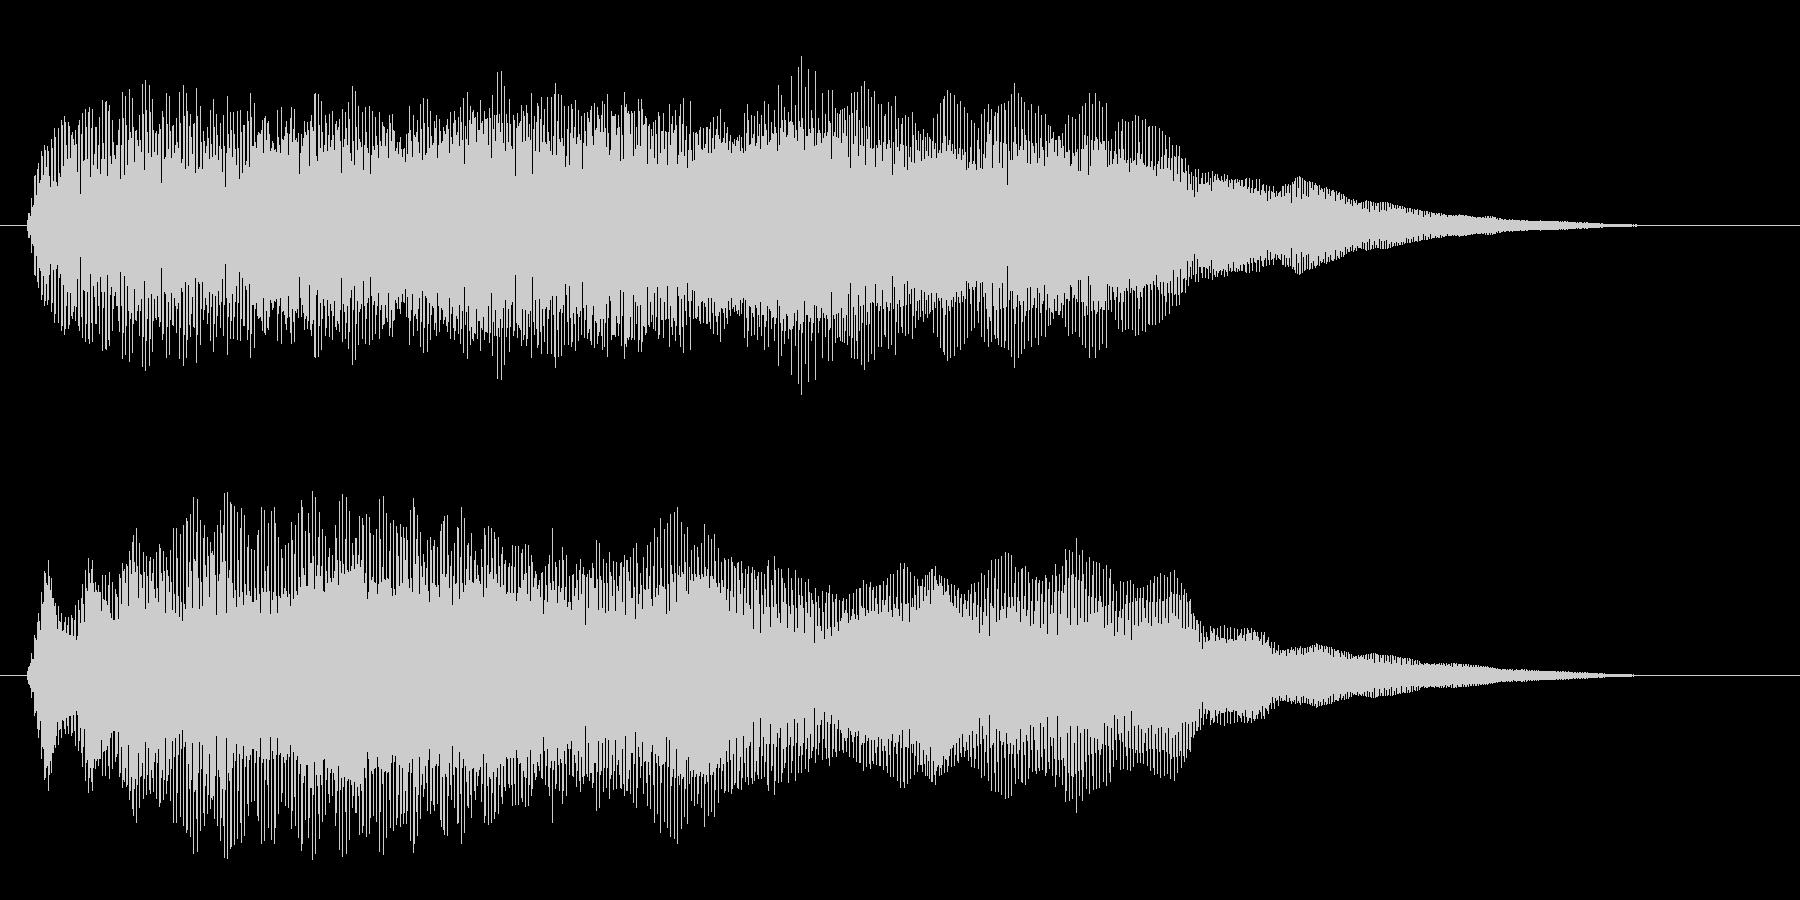 幻想的な宇宙空間の効果音の未再生の波形